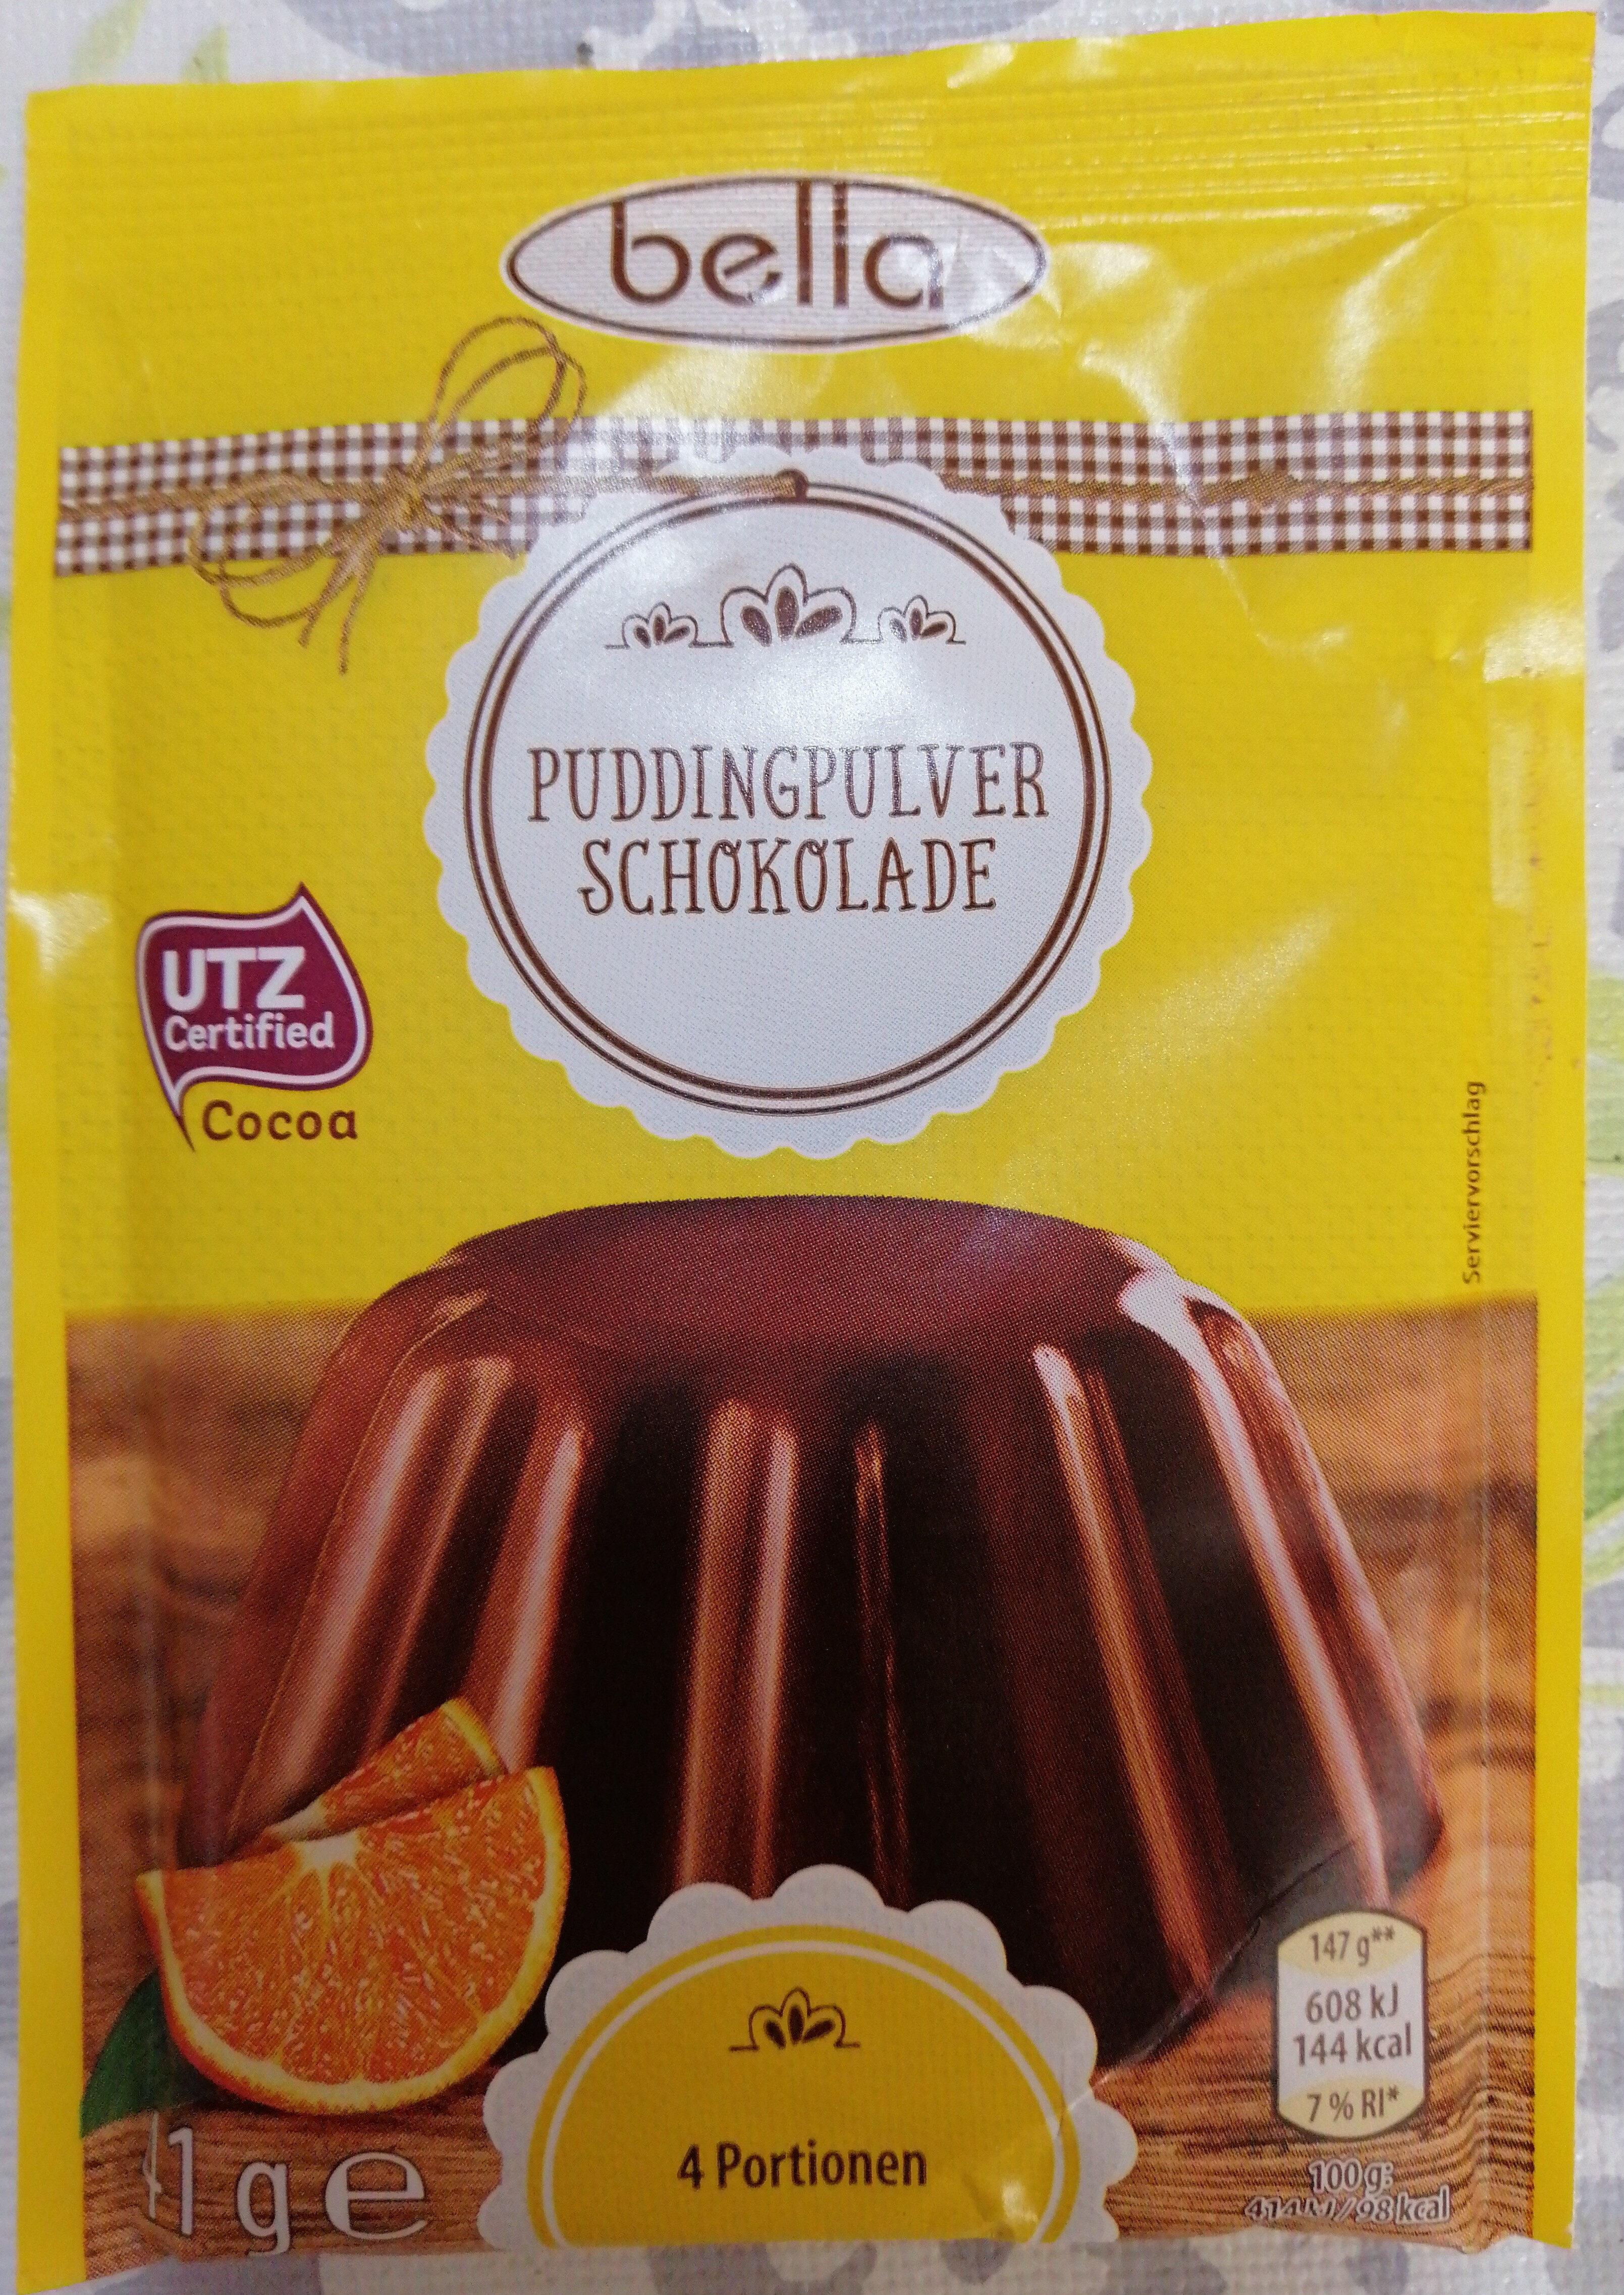 Čokoladni puding v prahu - Product